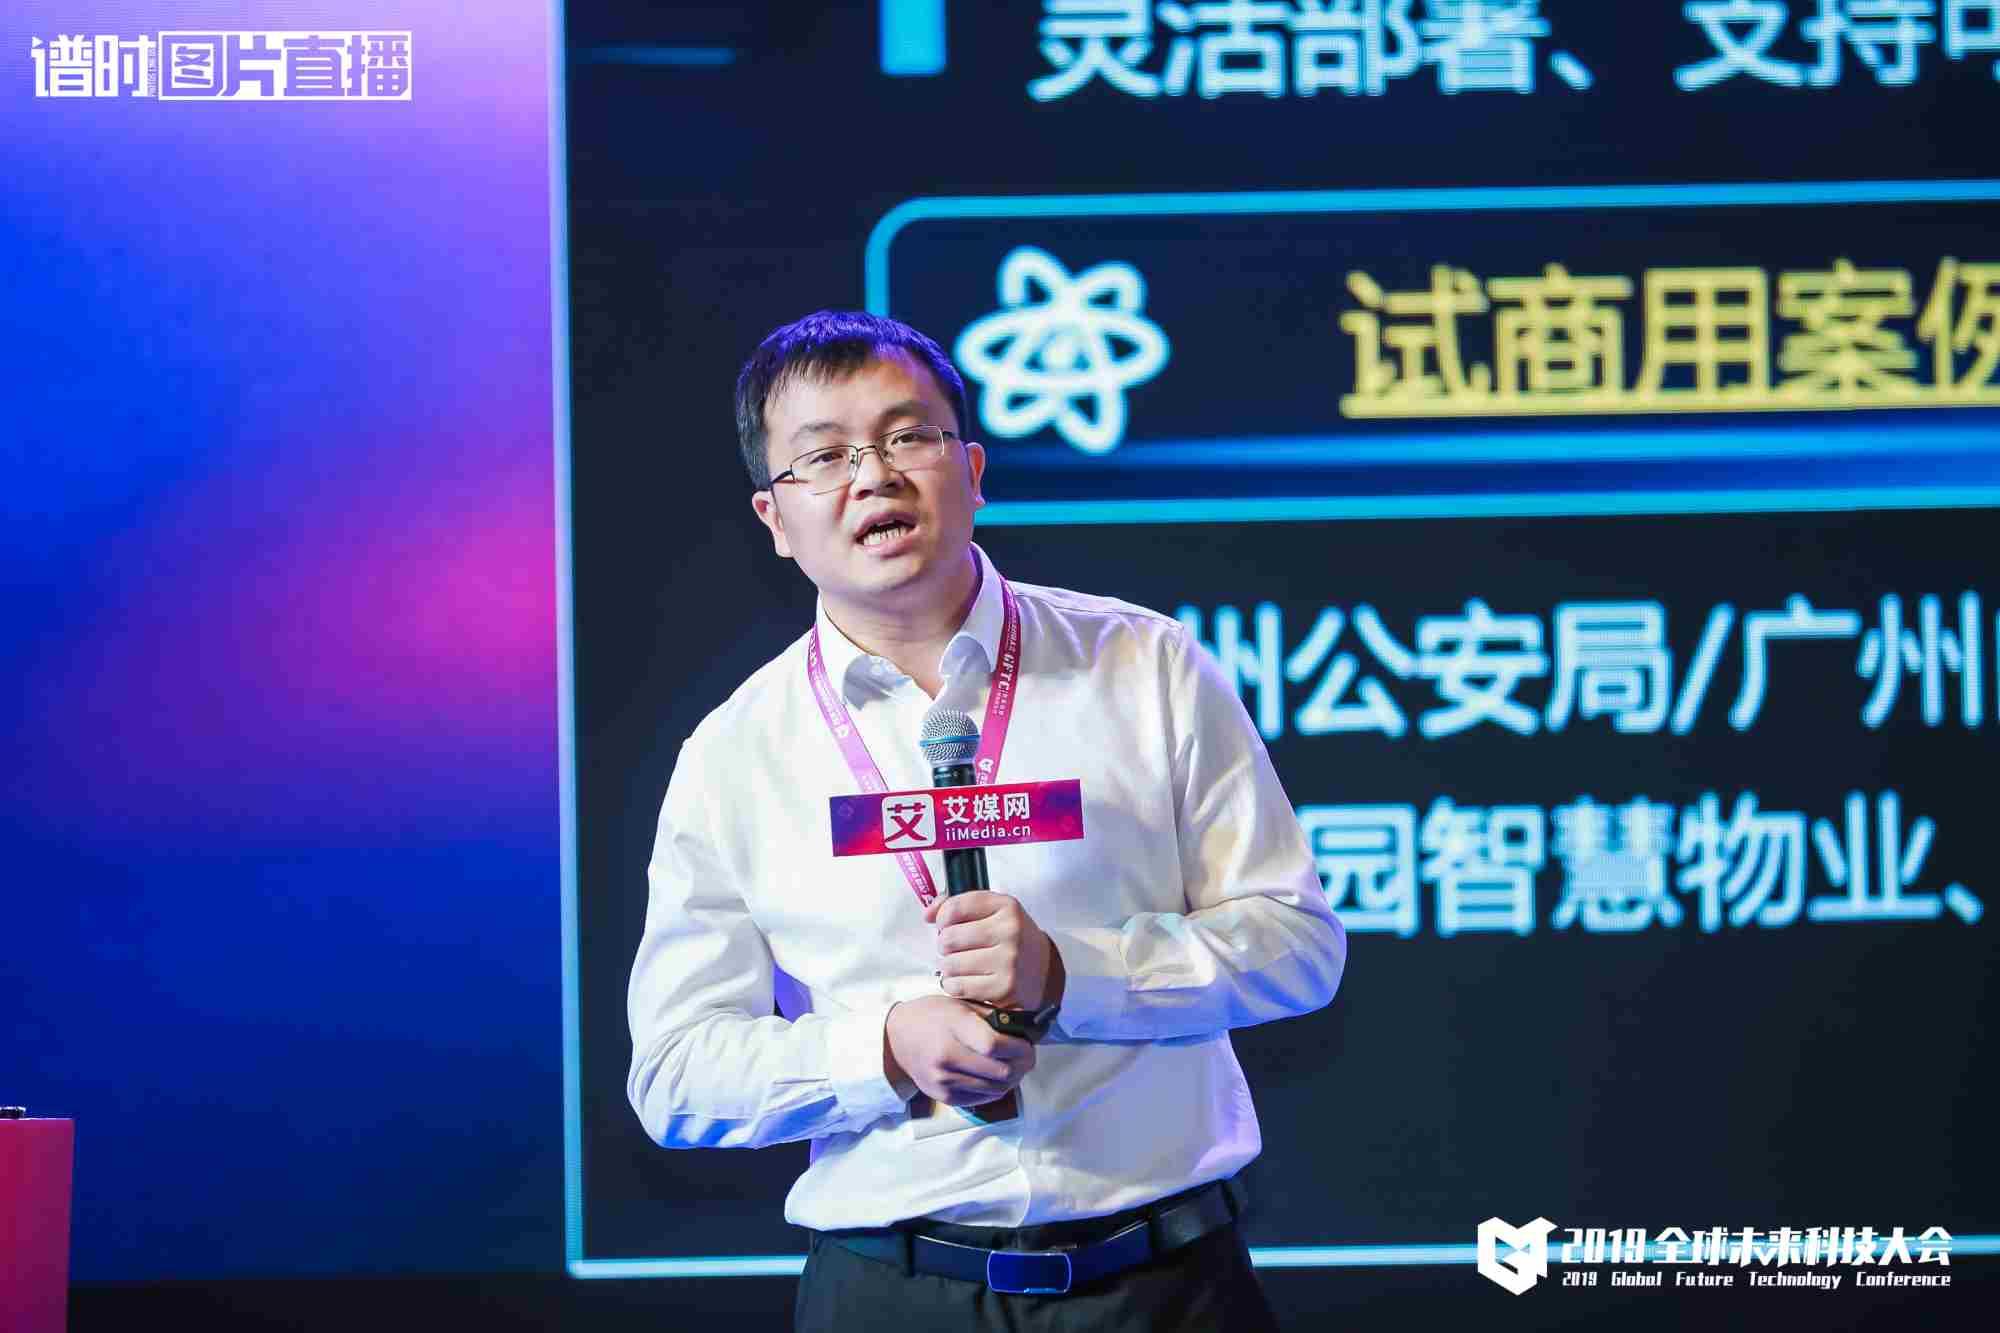 中國聯通廣東分公司5G技術總監潘桂新:5G MEC賦能行業應用